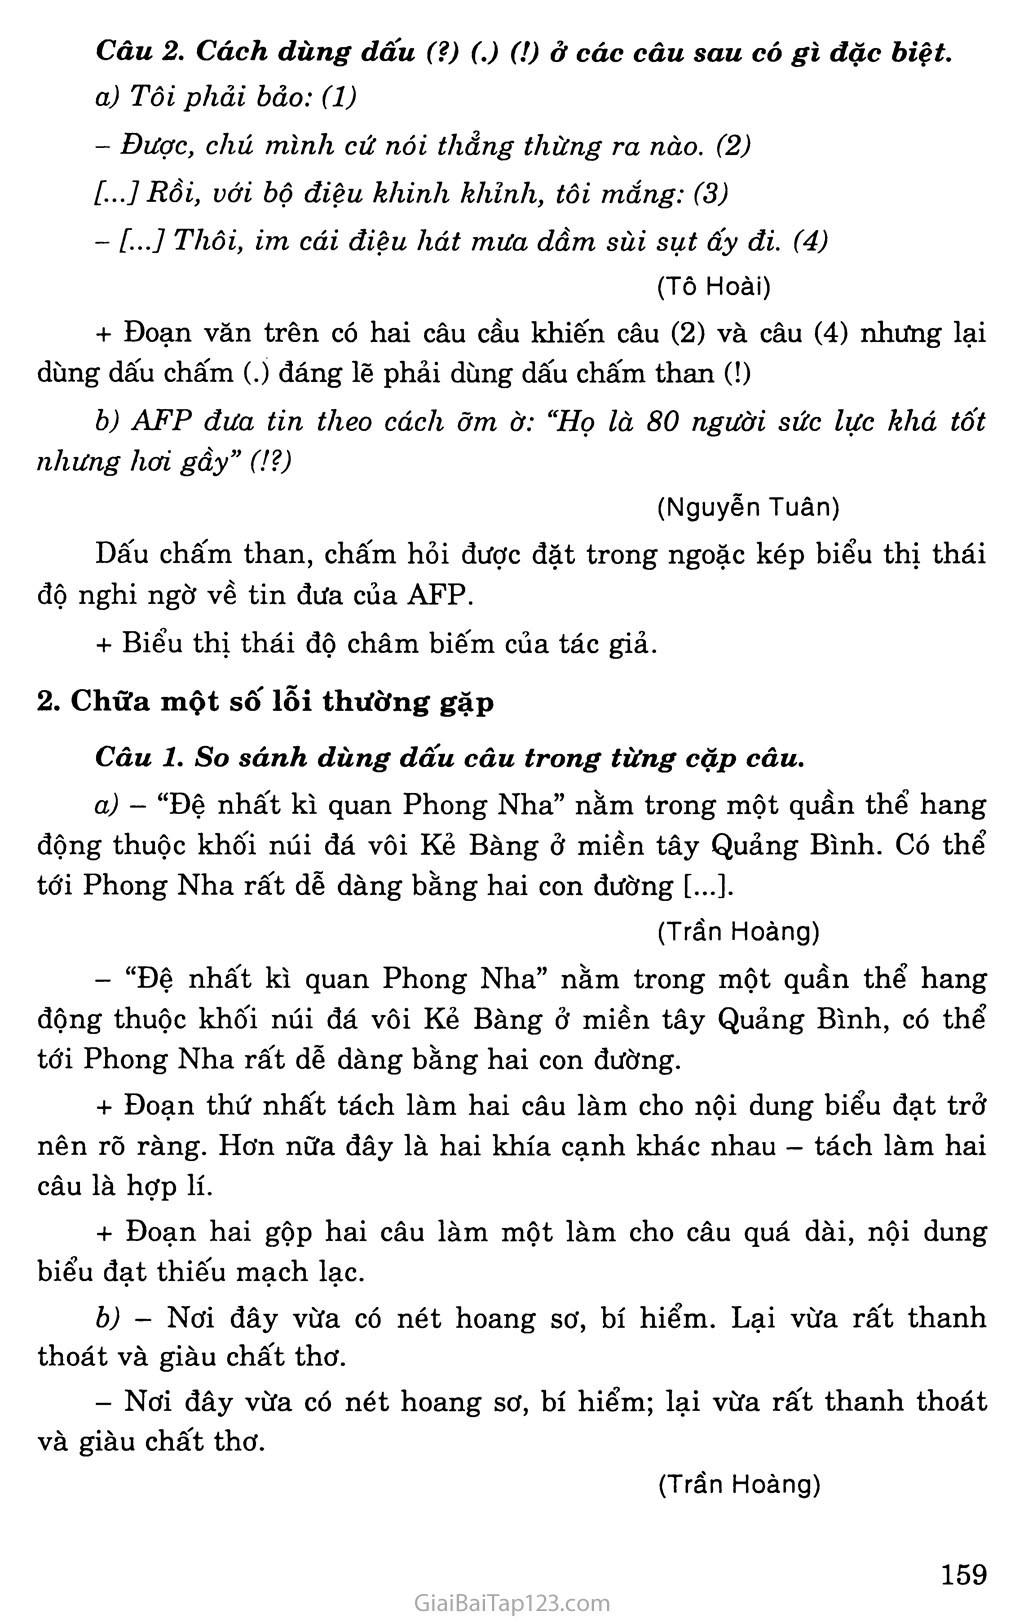 Ôn tập về dấu câu trang 2